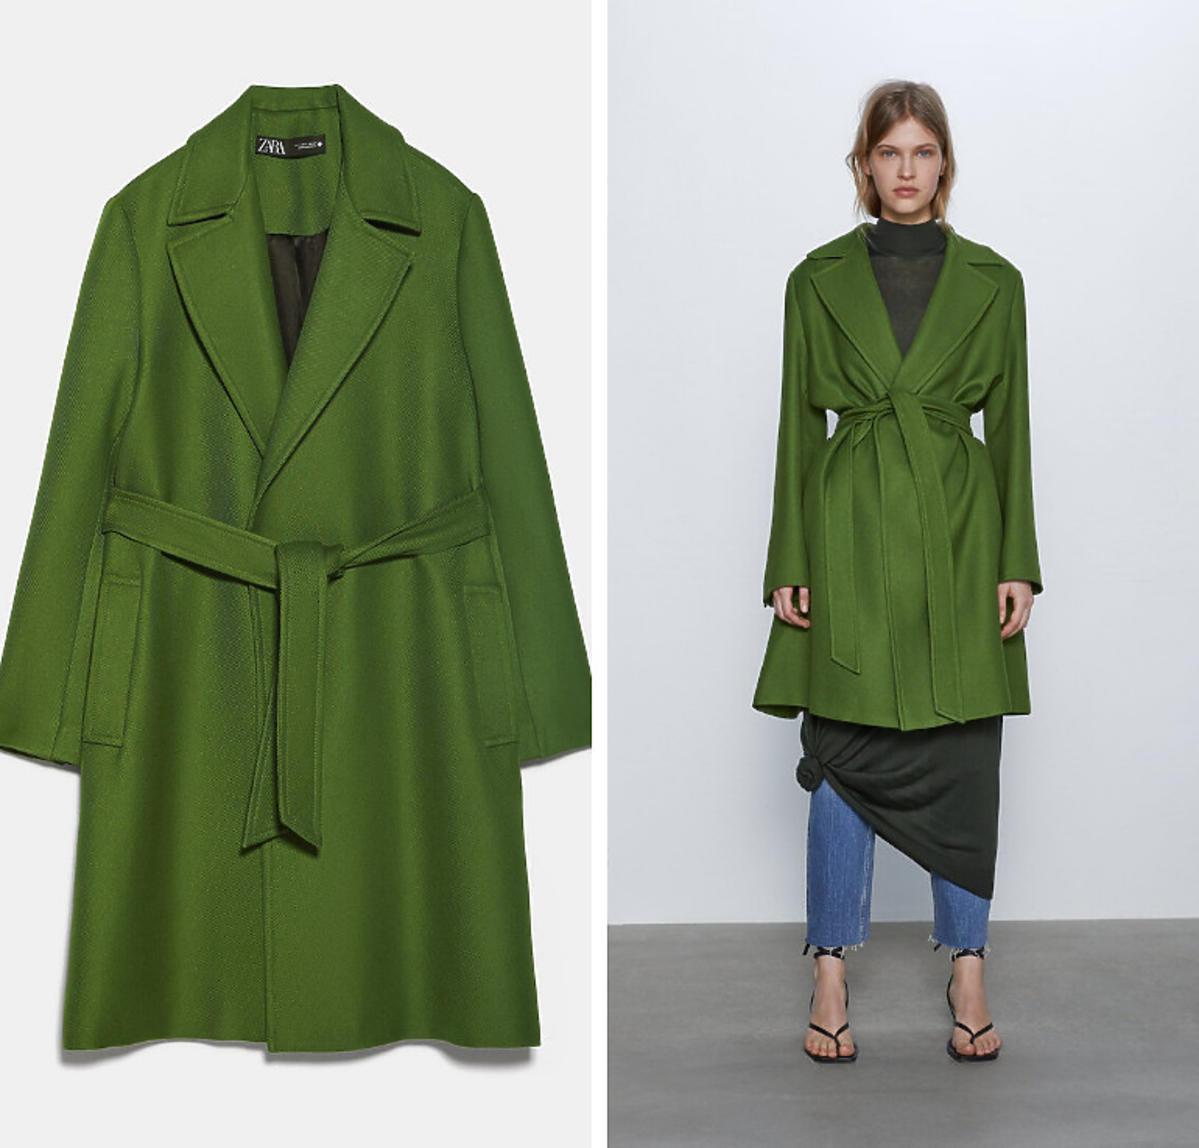 Zielony płaszcz Zara cena 349 zł